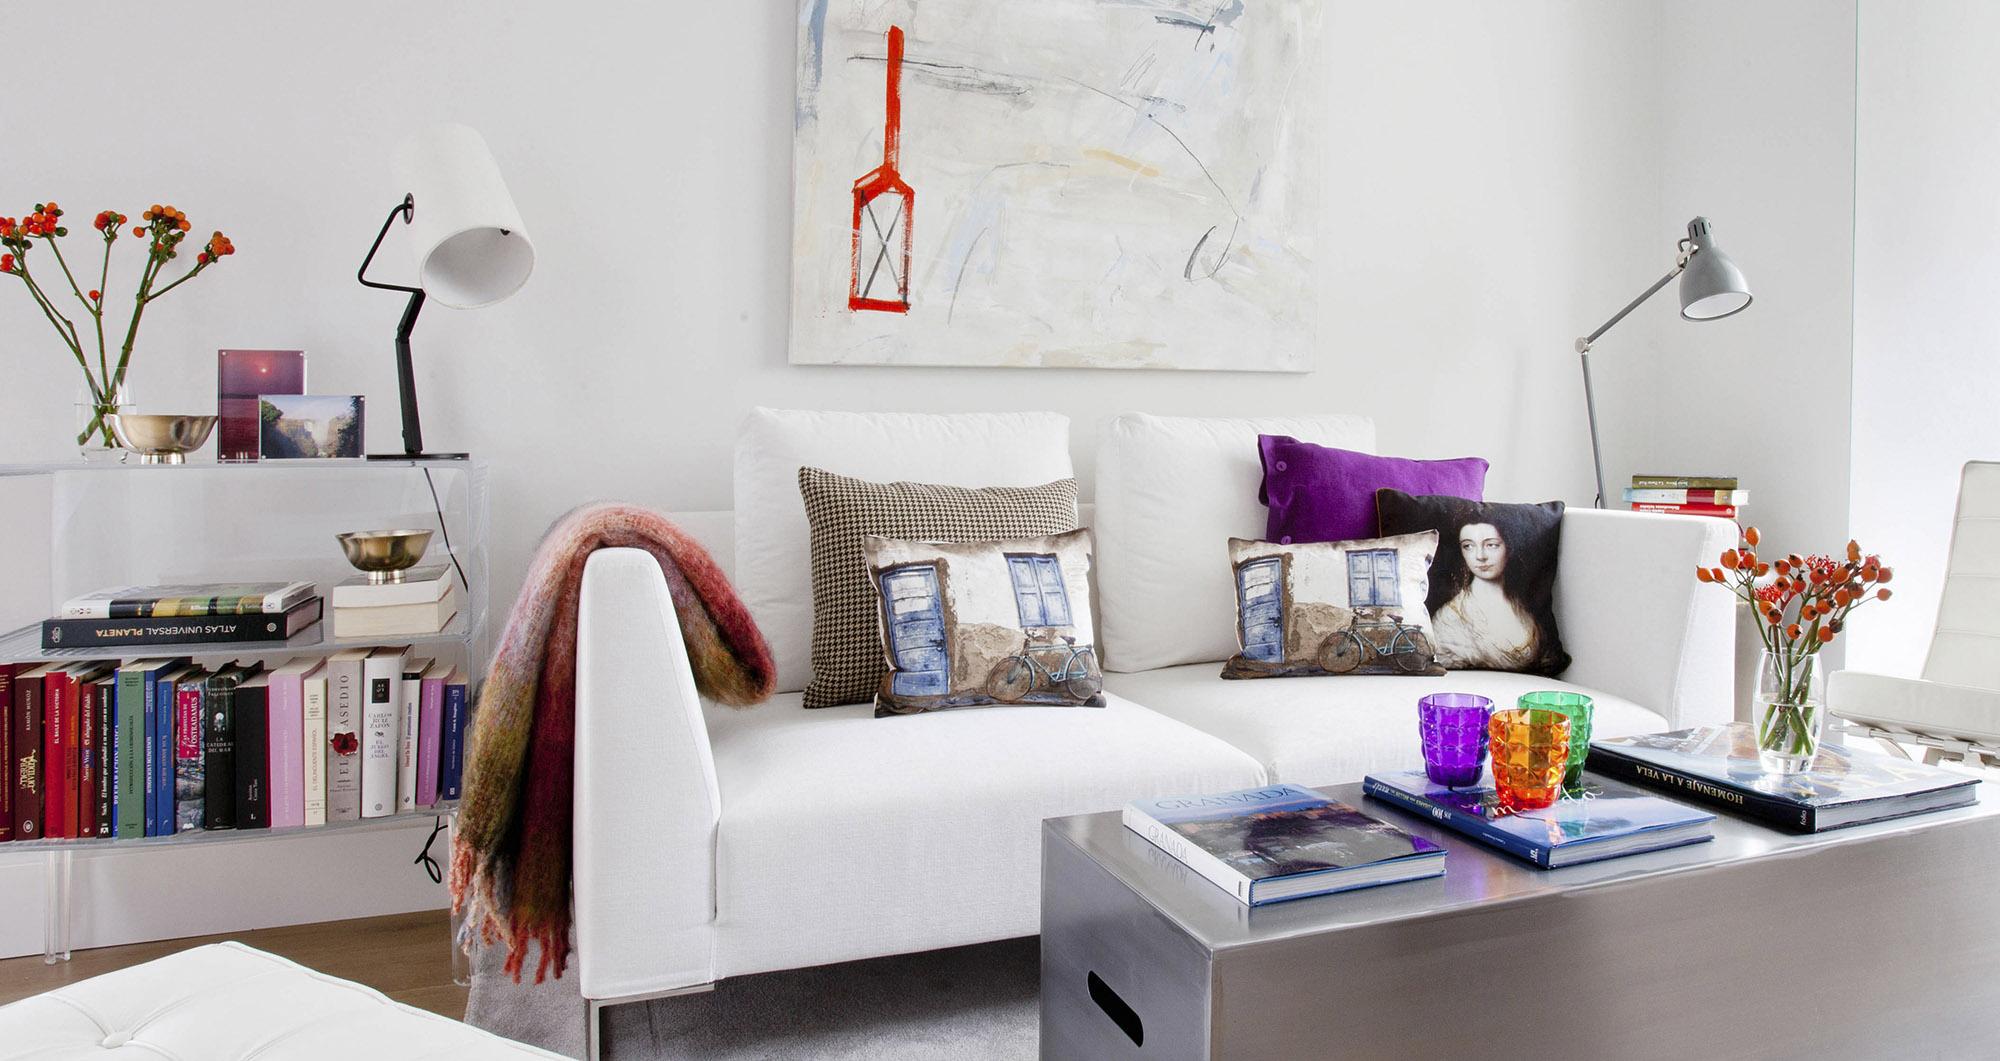 Apartamento en Chamartin con estilo moderno y desenfadado, tipo loft, con luz por todas las partes de la vivienda, obra de Belén Ferrándiz